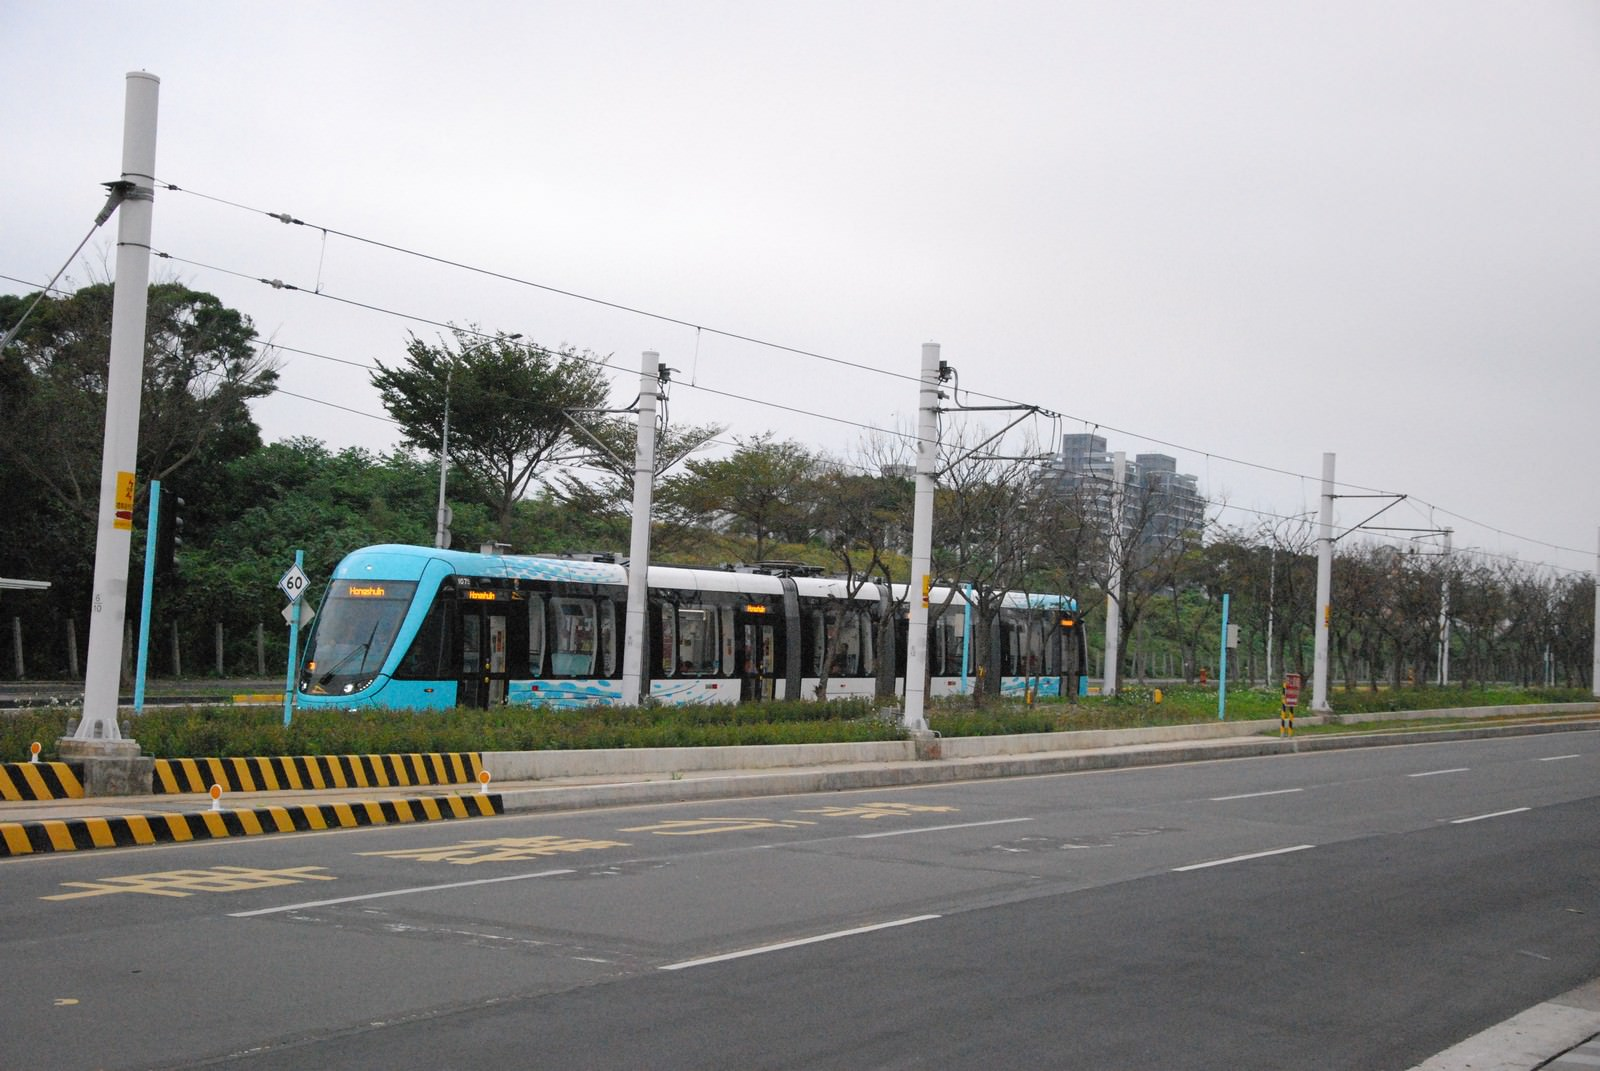 淡海輕軌綠山線, 輕軌濱海沙崙站, 周邊環境